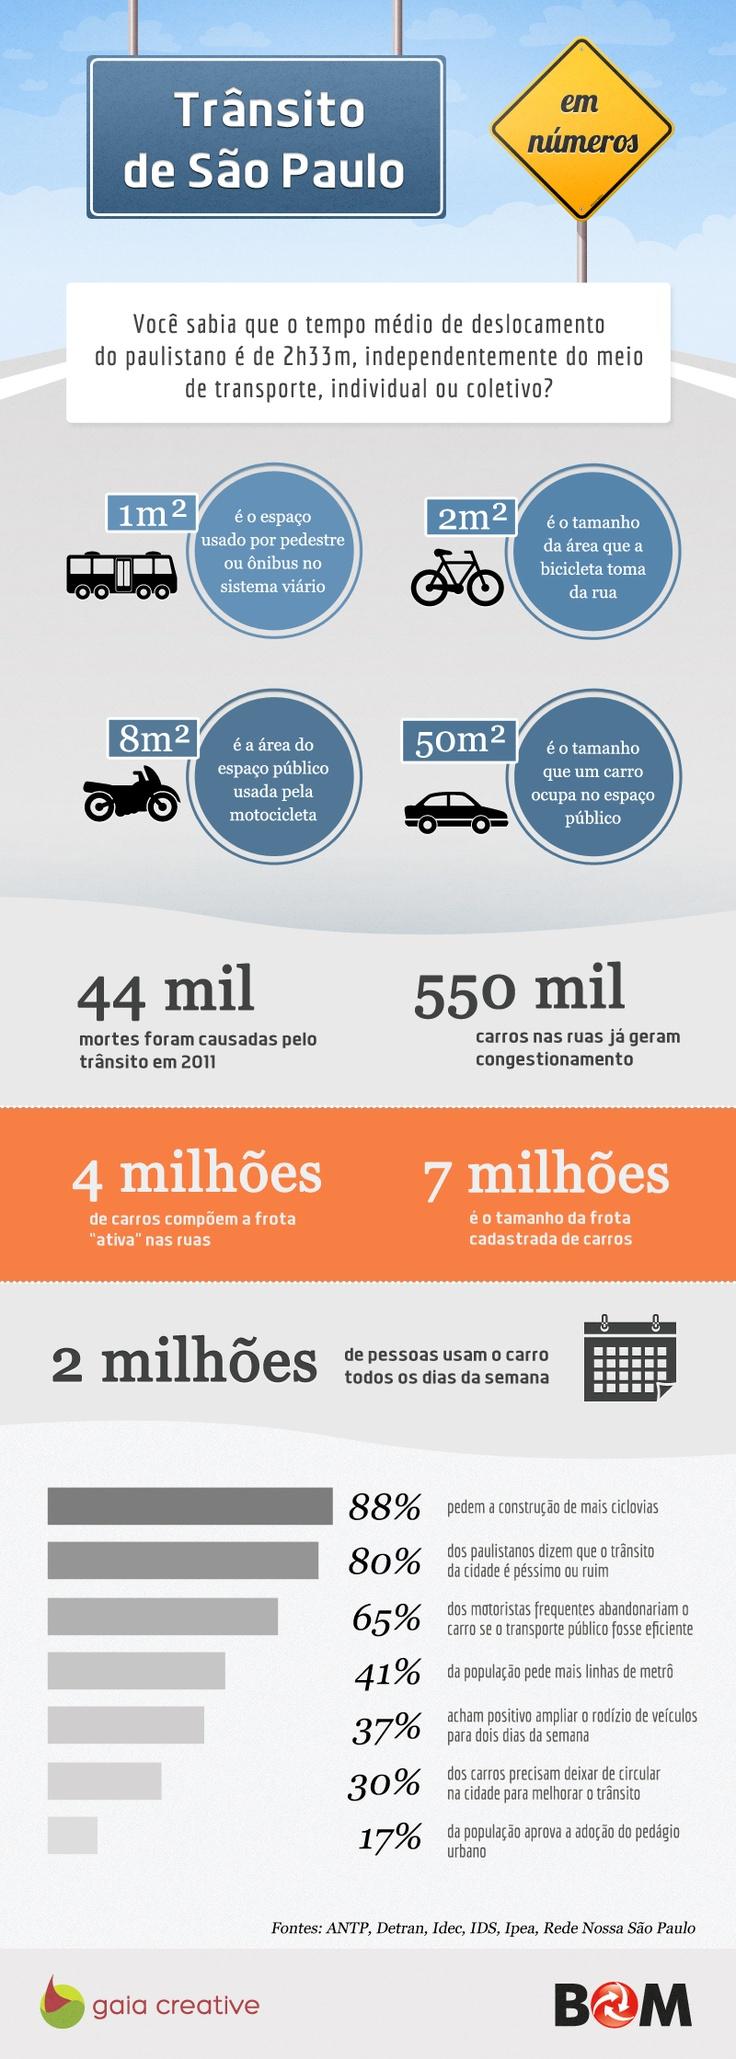 Trânsito em São Paulo. Mais um infográfico produzido pela Gaia para o Cartão BOM.